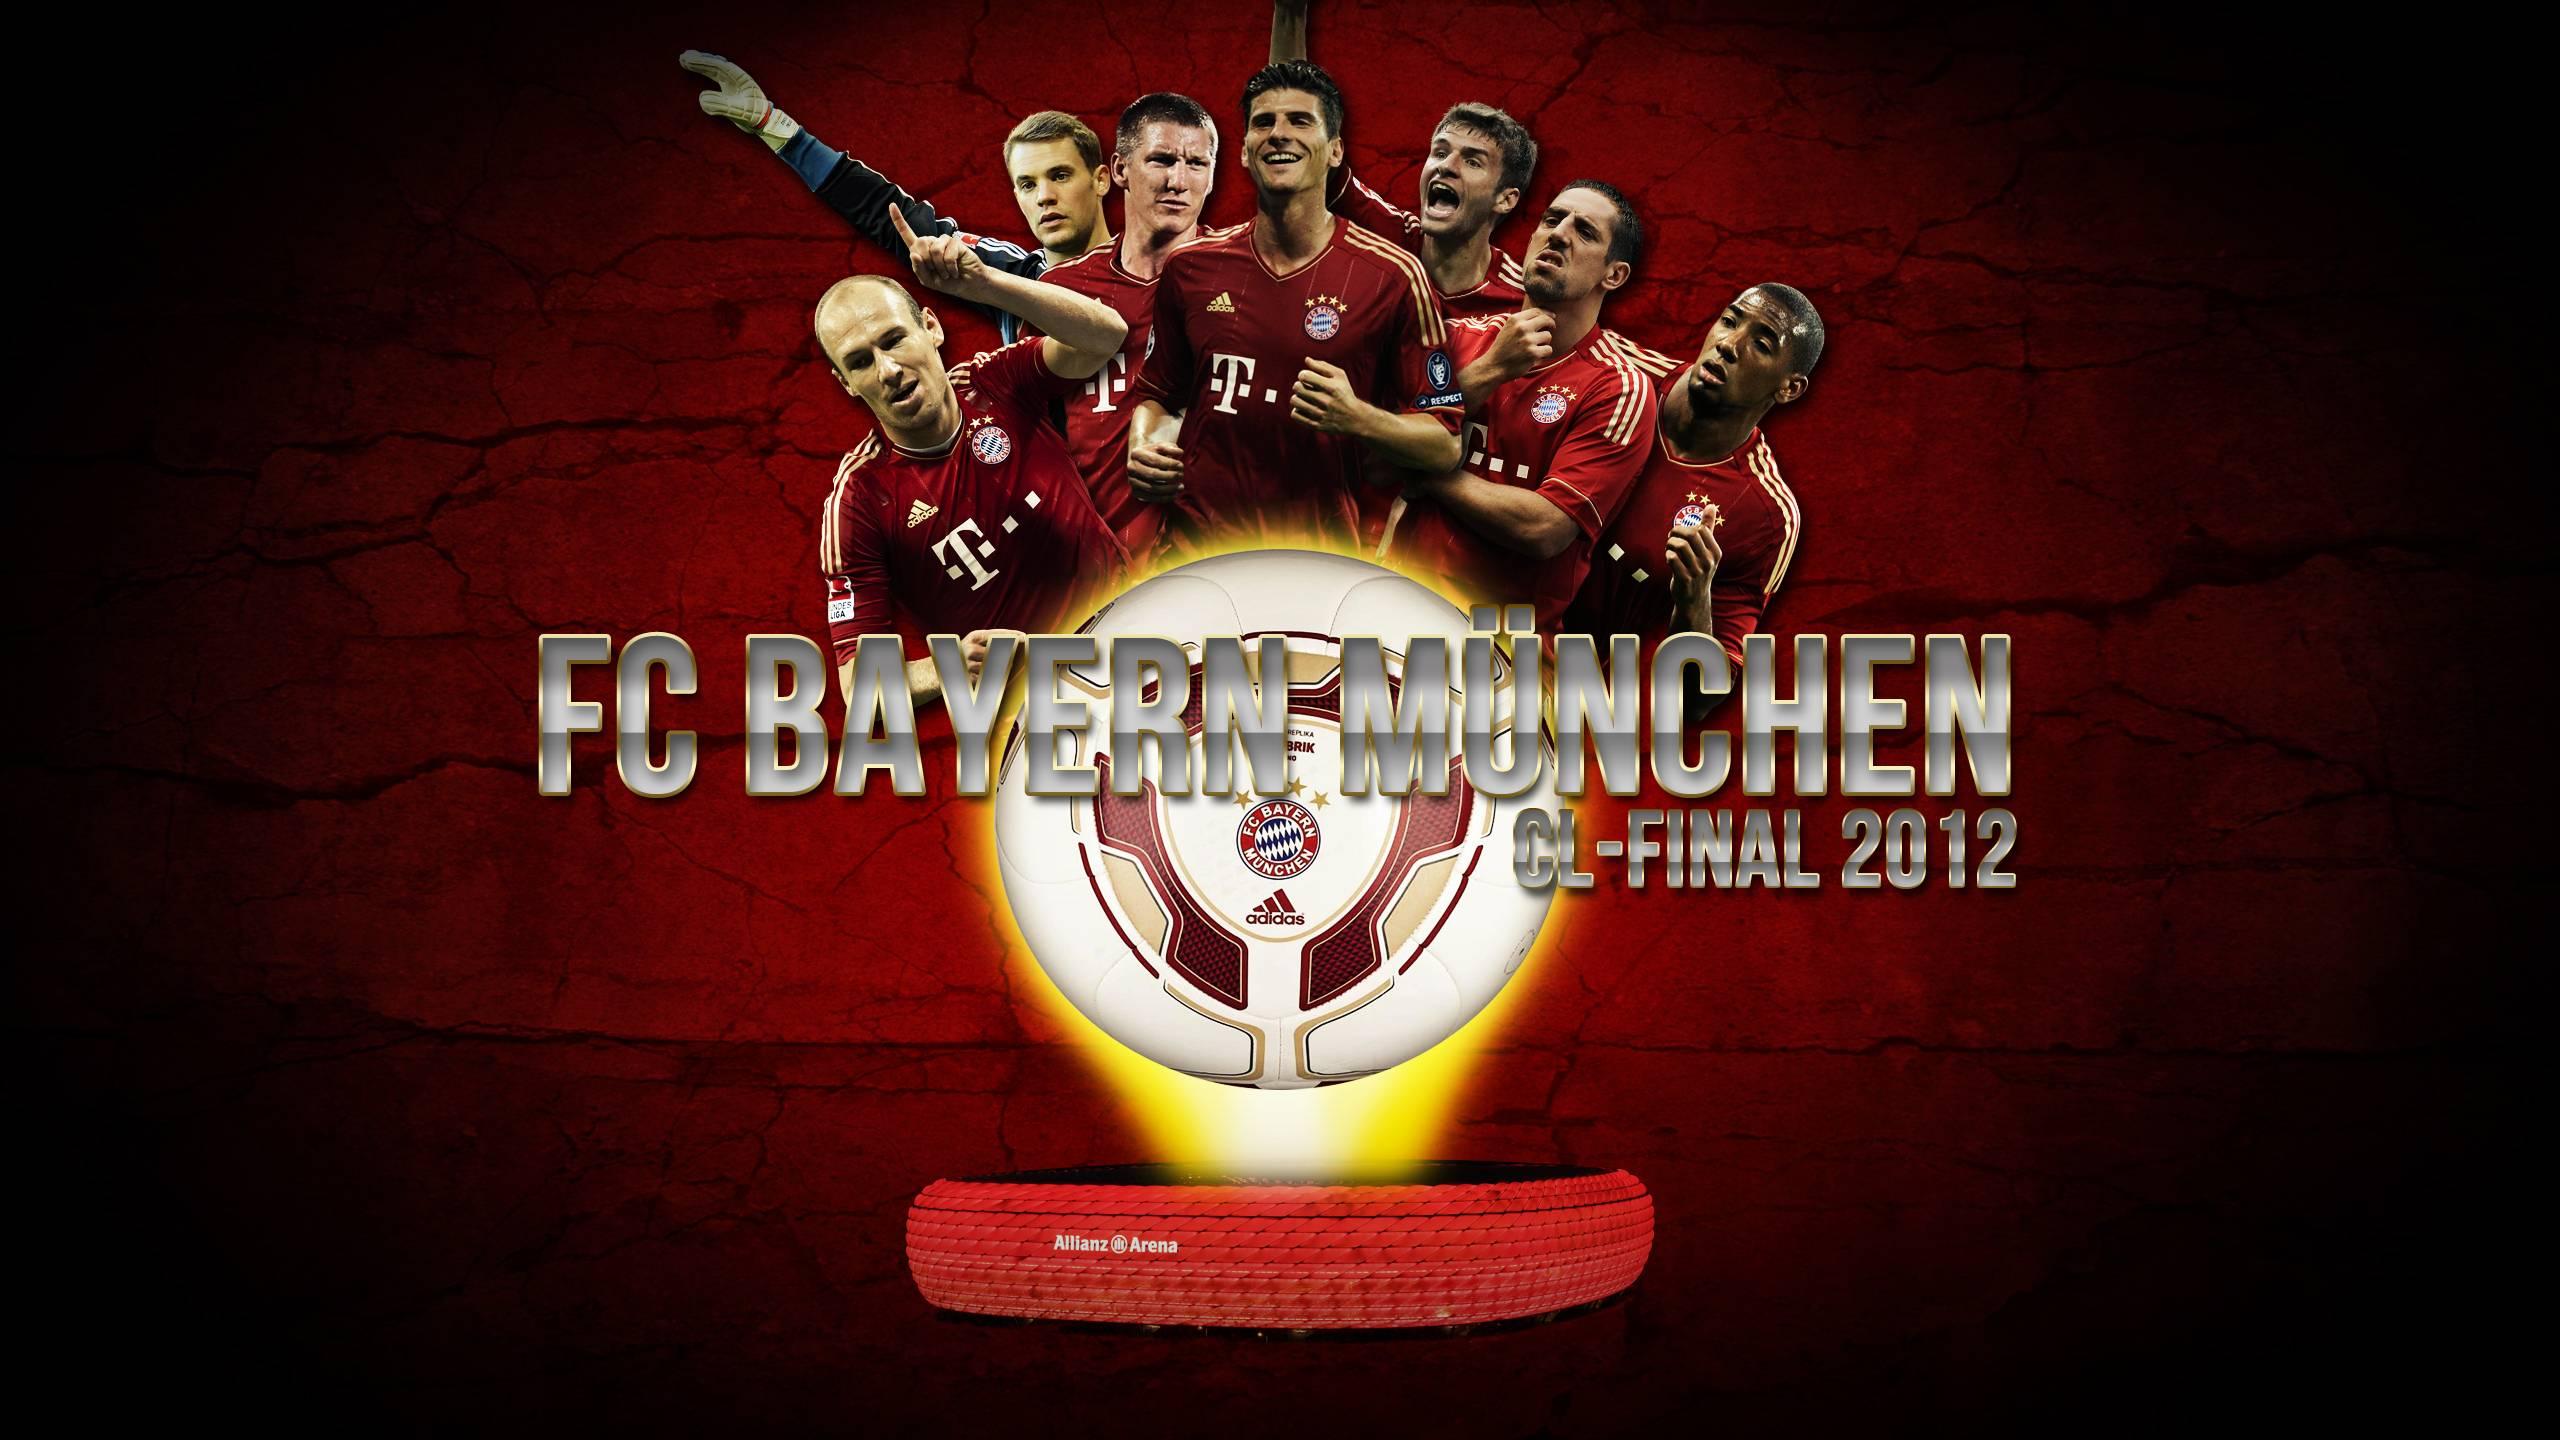 77 Fc Bayern Munich Hd Wallpapers On Wallpapersafari